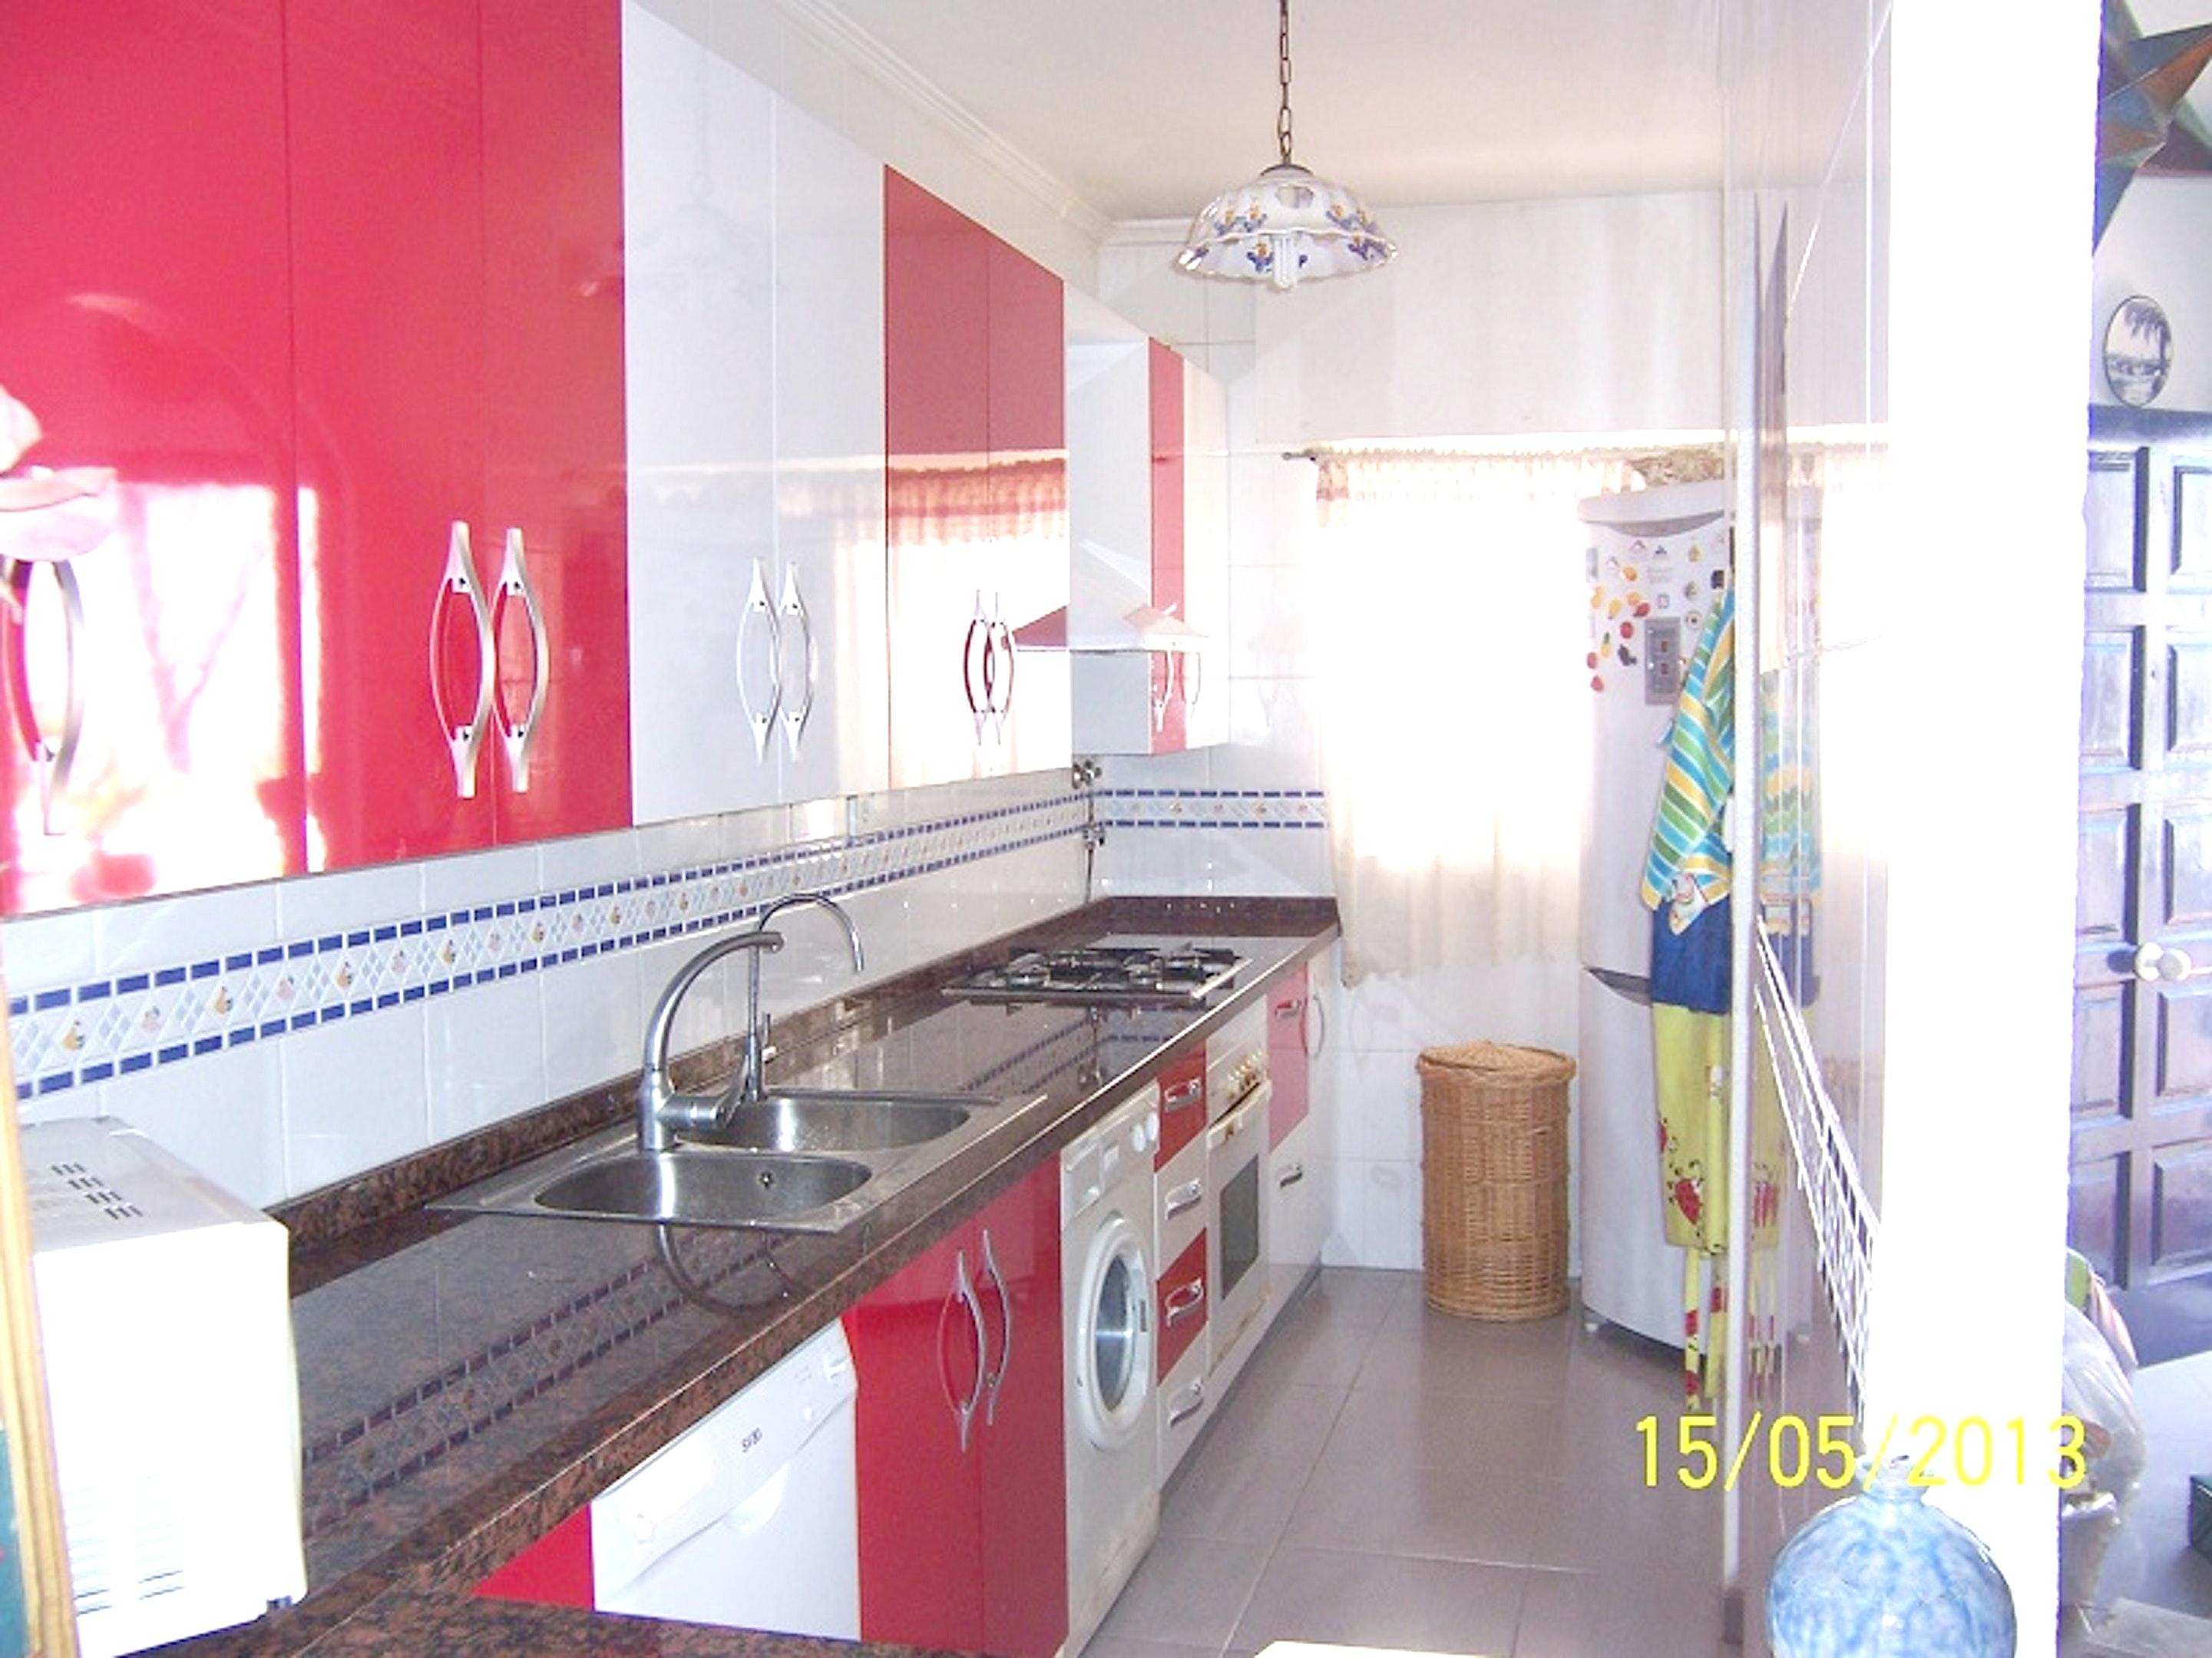 Ferienwohnung Wohnung mit 2 Schlafzimmern in San José de Nijar mit privatem Pool, Terrasse und W-LAN - 5 (2271490), San Jose, Costa de Almeria, Andalusien, Spanien, Bild 8